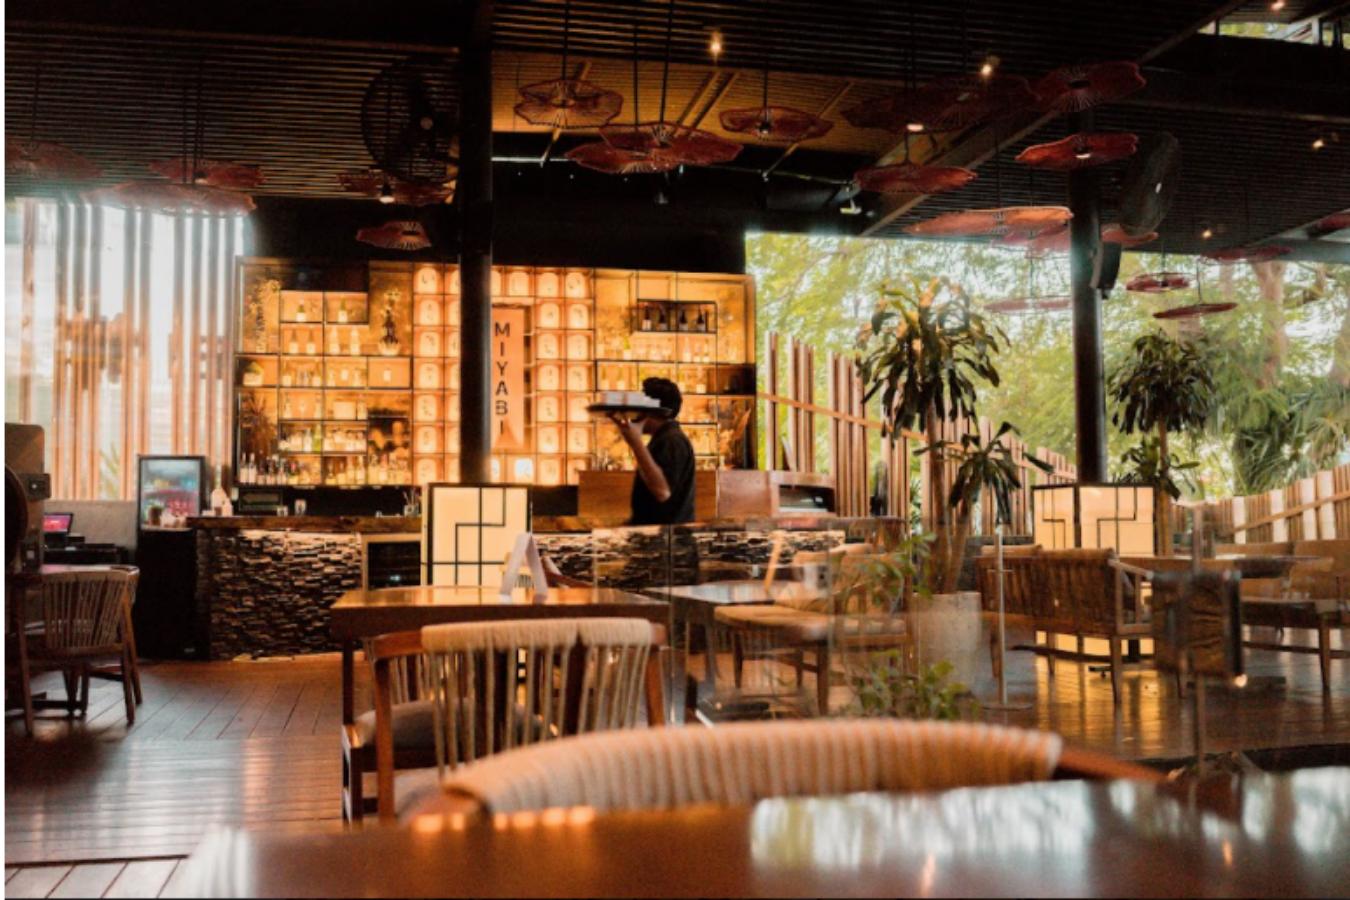 lugares de comida japonesa